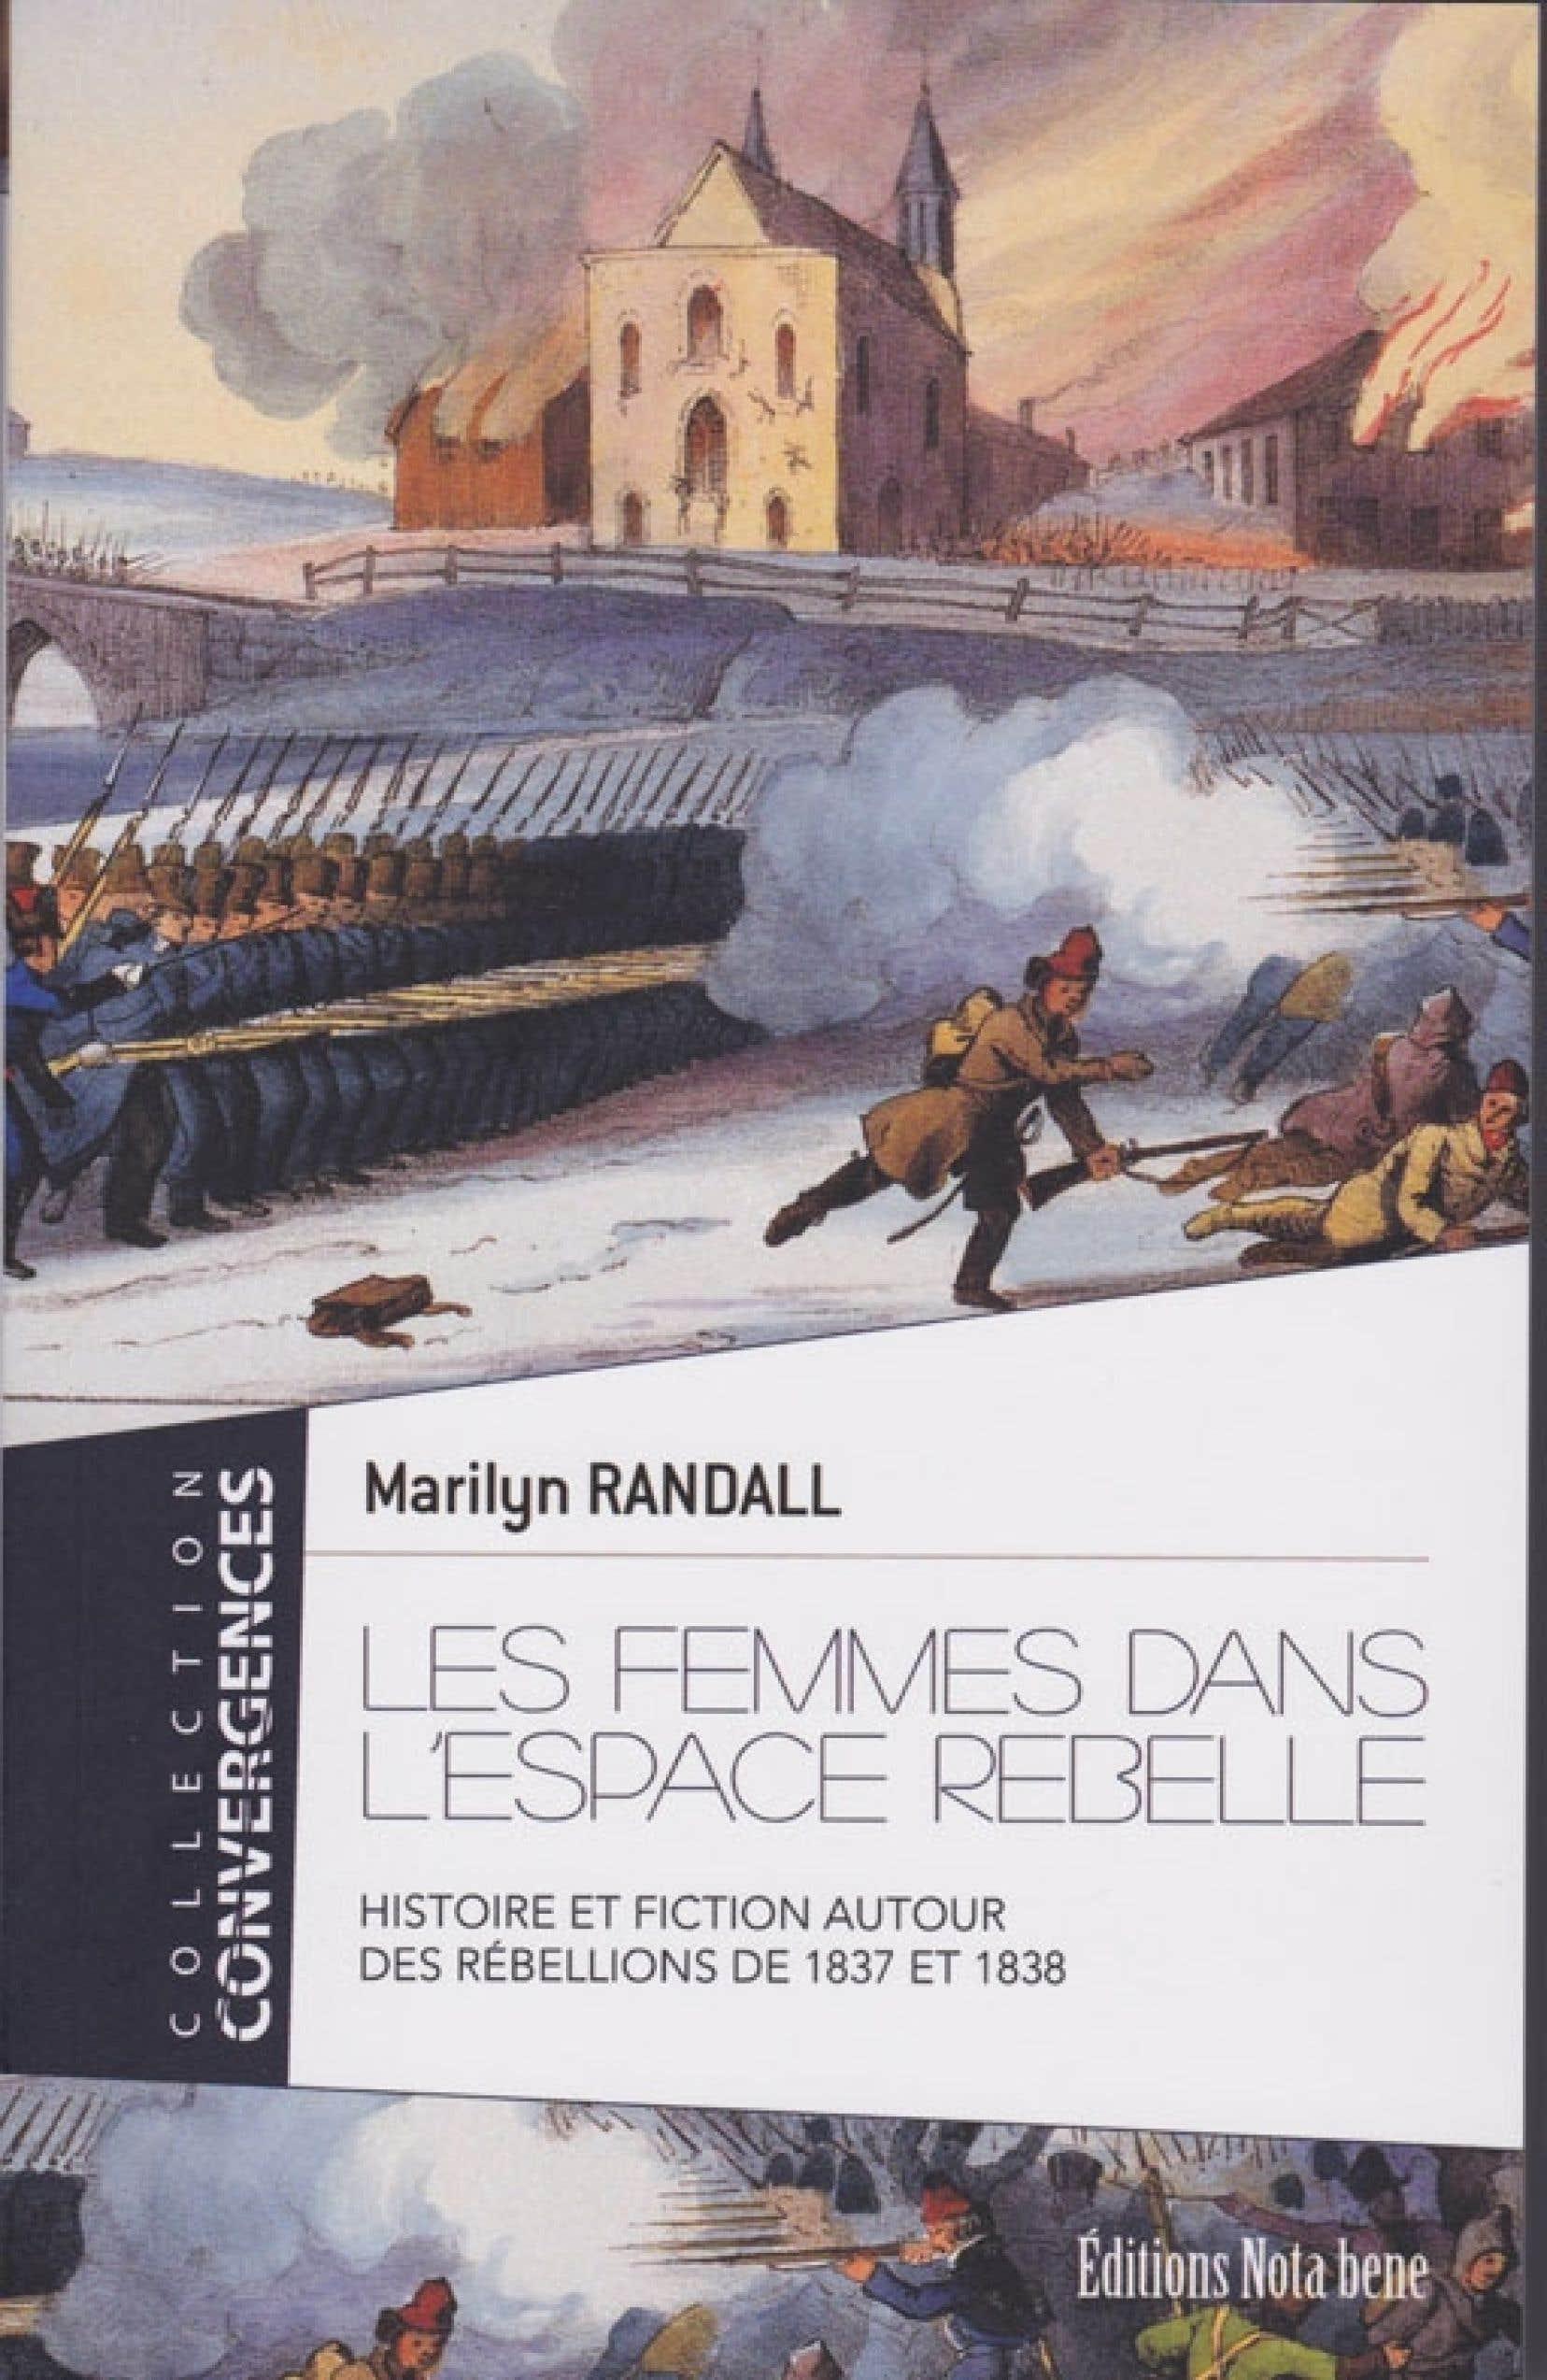 Un détail de la couverture des Femmes dans l'espace rebelle, de Marilyn Randall.